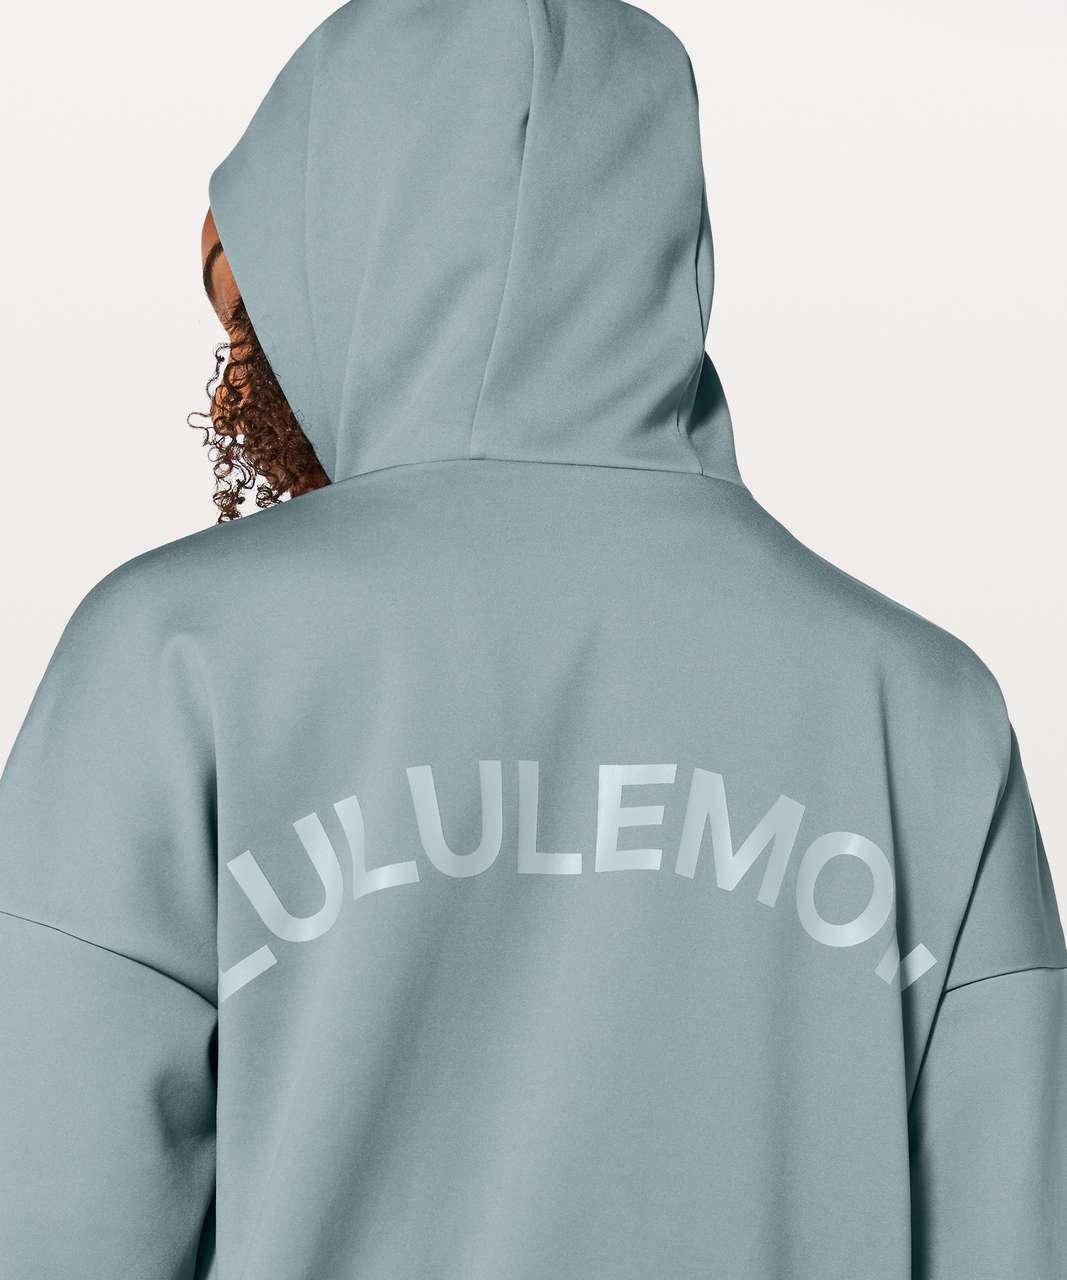 78c6e59afdc Lululemon Shaped Jacket Expression - Sterling - lulu fanatics